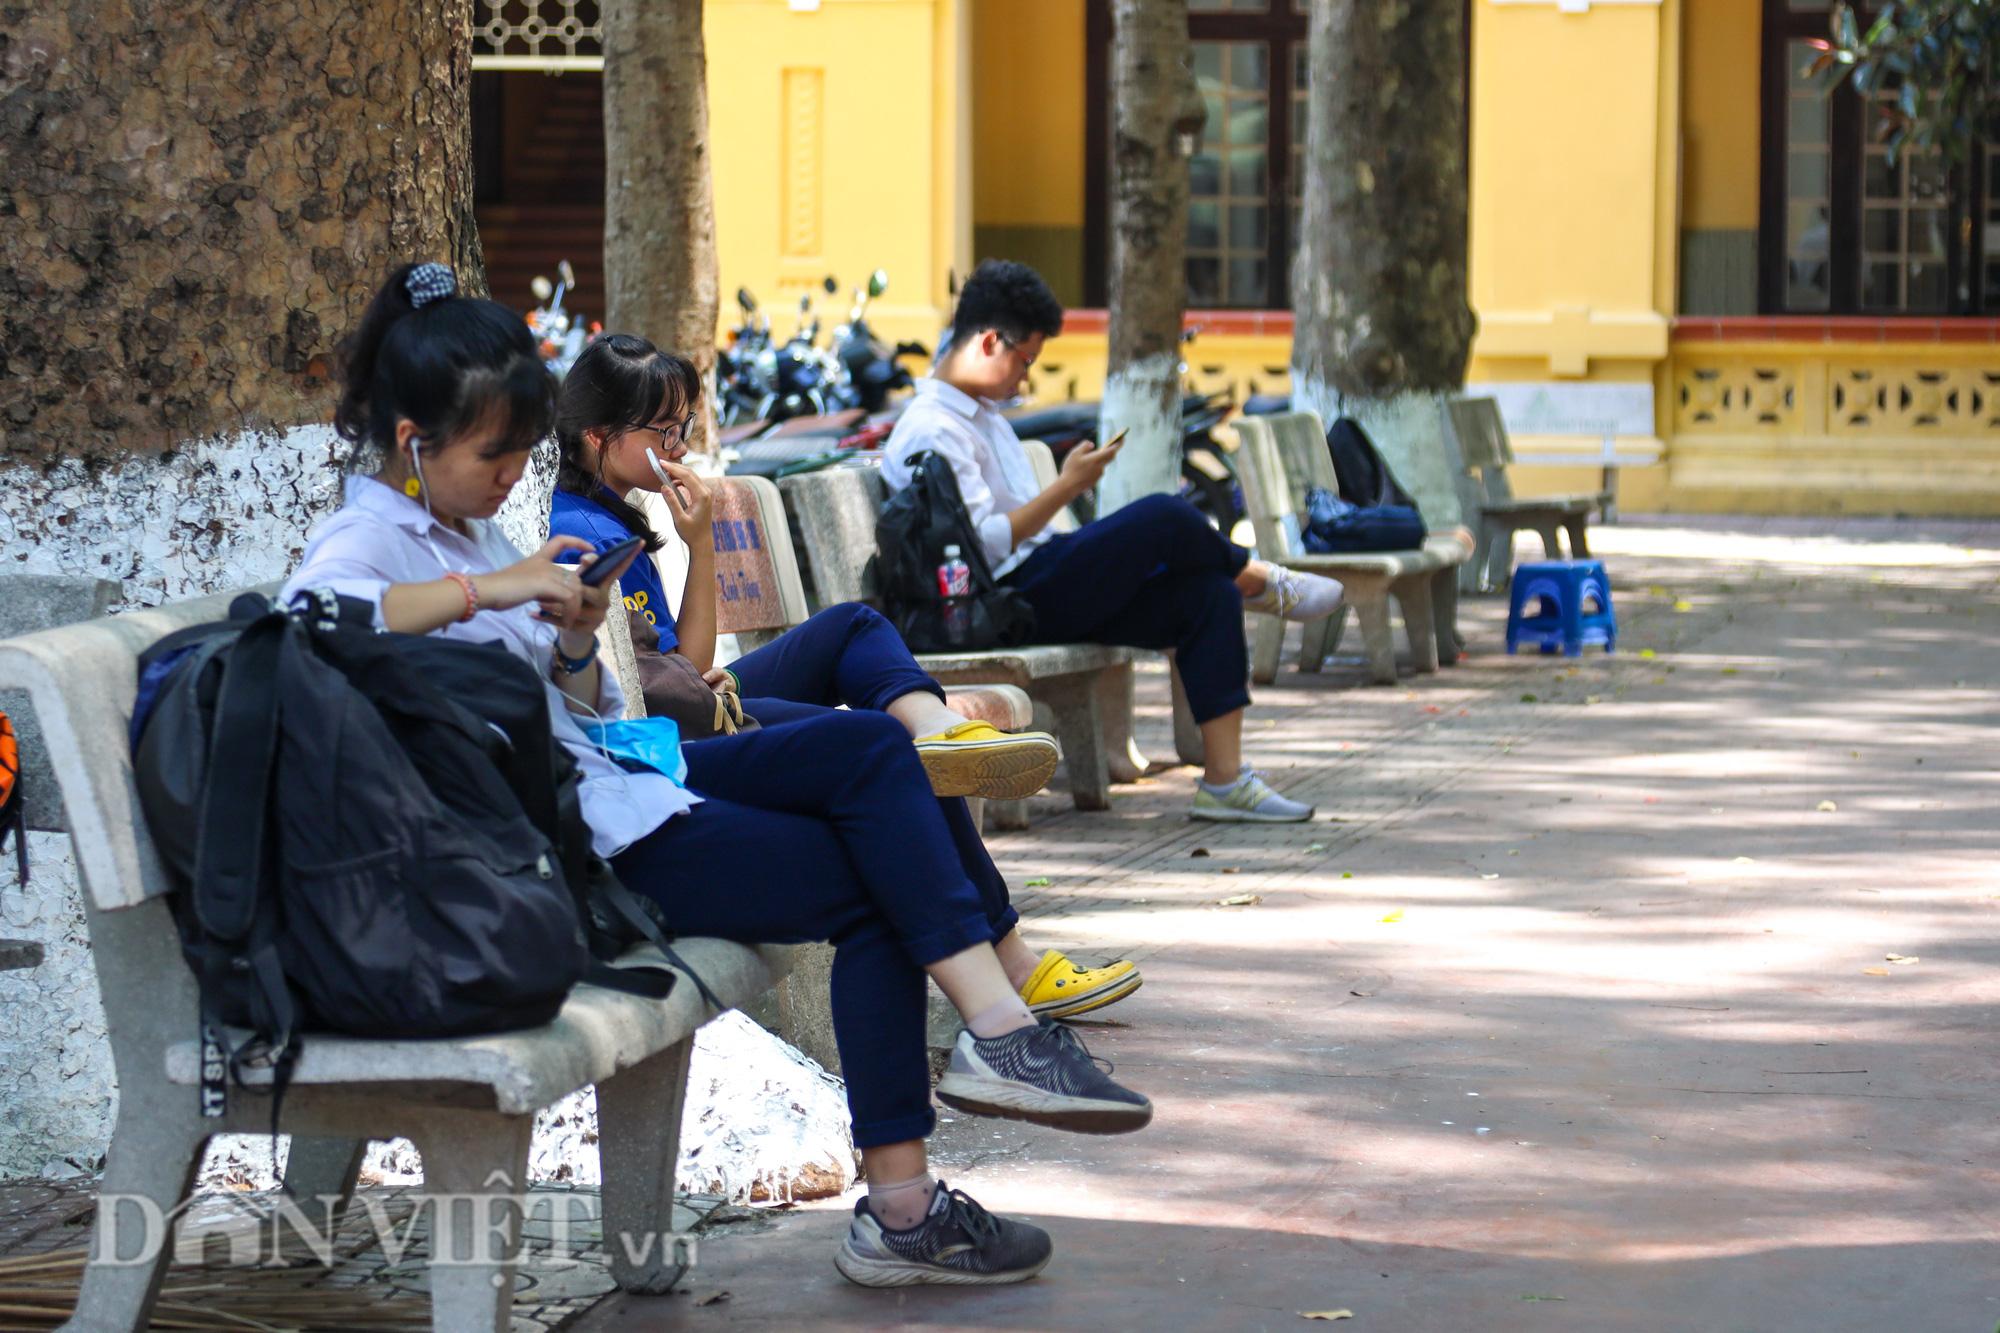 Học sinh Hà Nội không hề lo sợ dù ngồi giữa sân trường đầy cây cổ thụ - Ảnh 8.